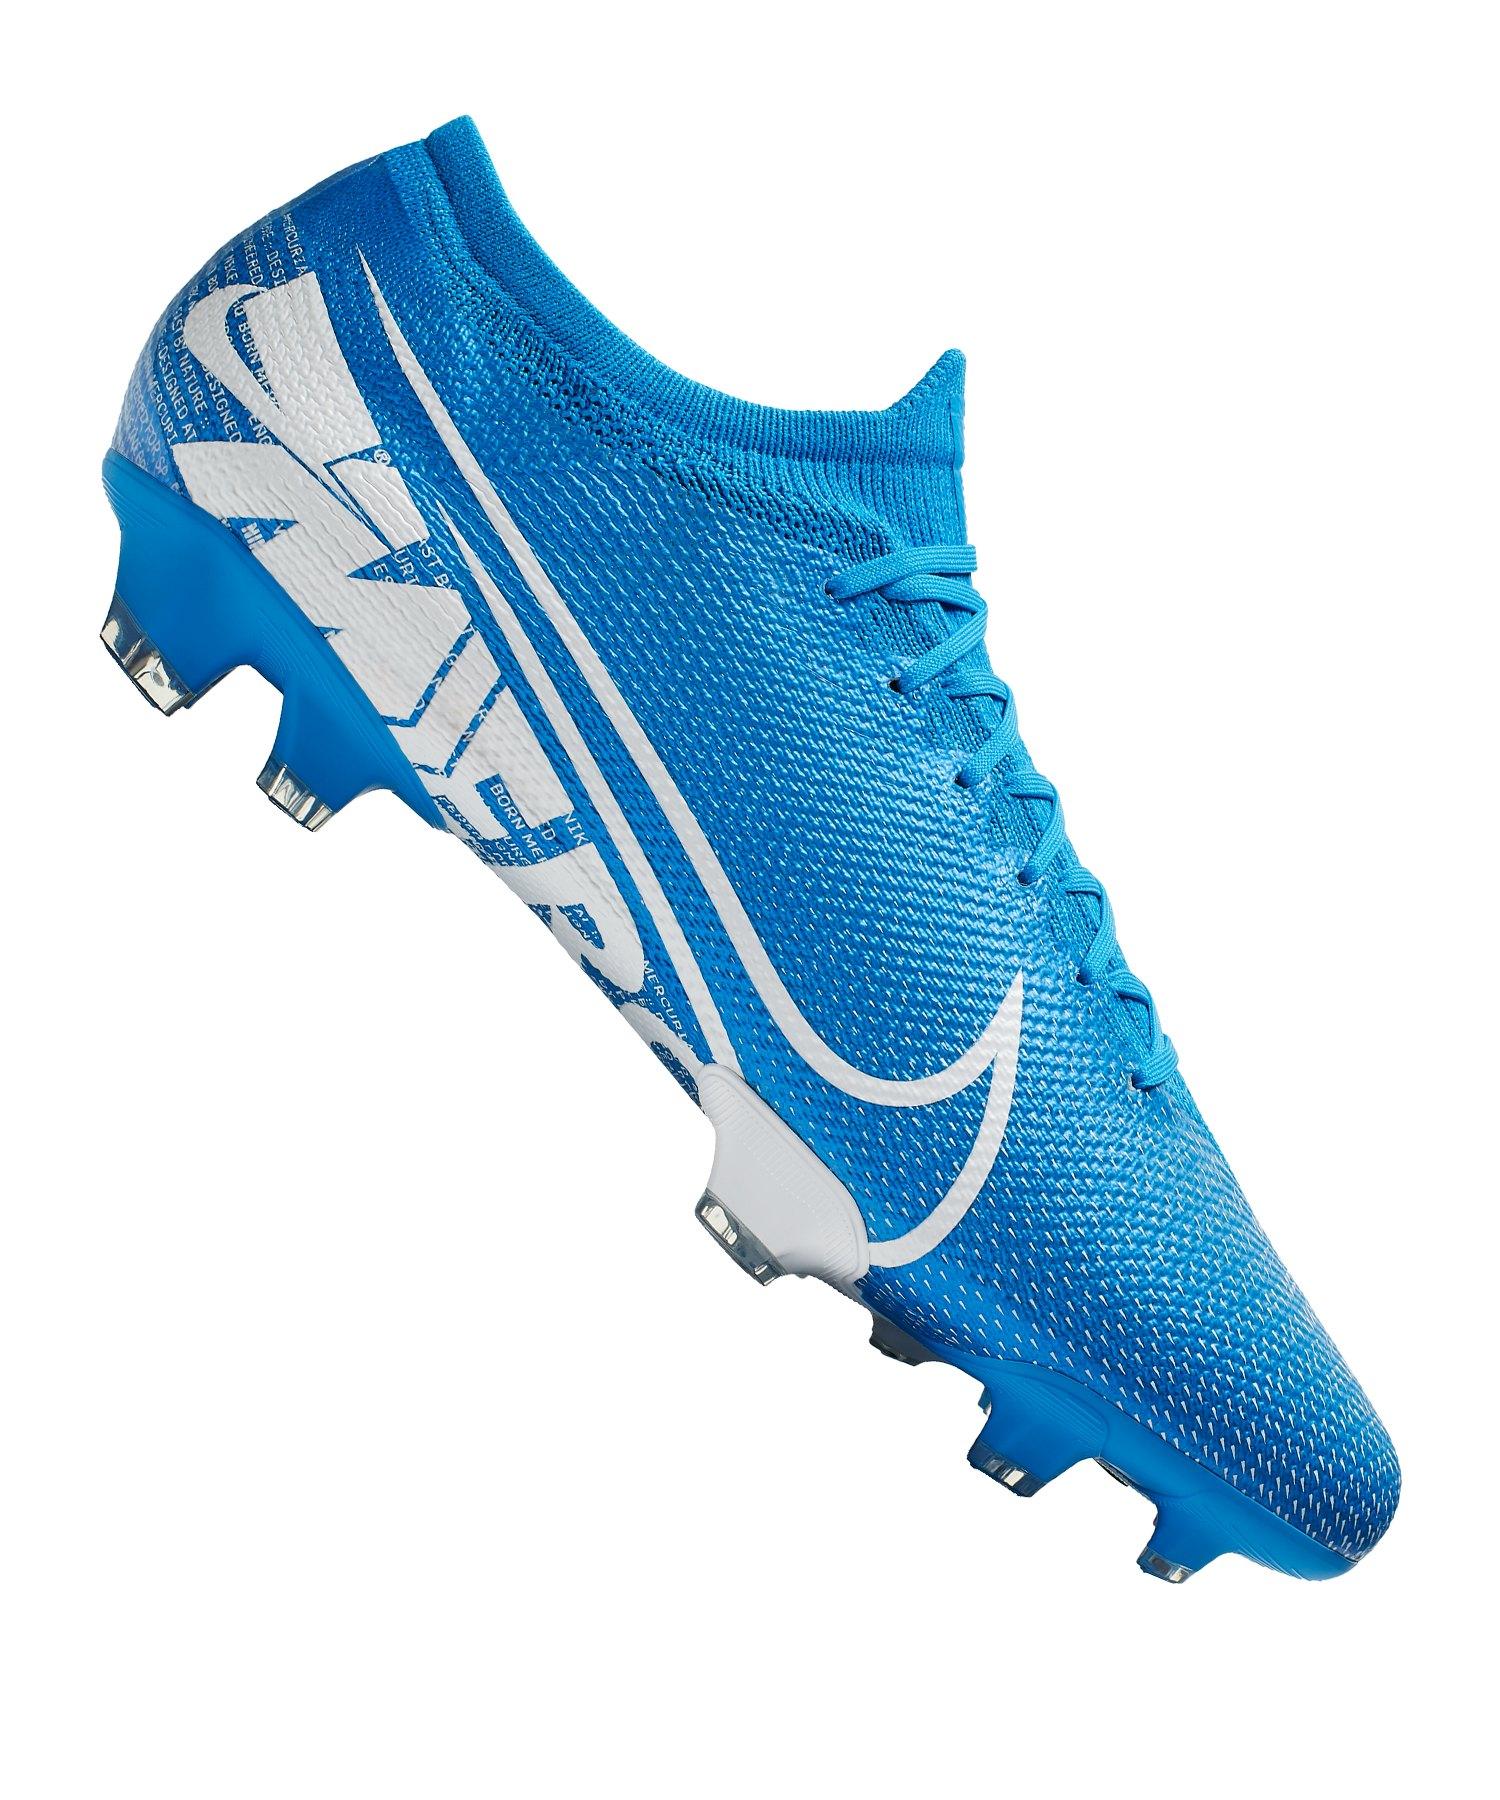 suche nach original exzellente Qualität billig werden Nike Mercurial Vapor XIII Pro FG Blau Weiss F414